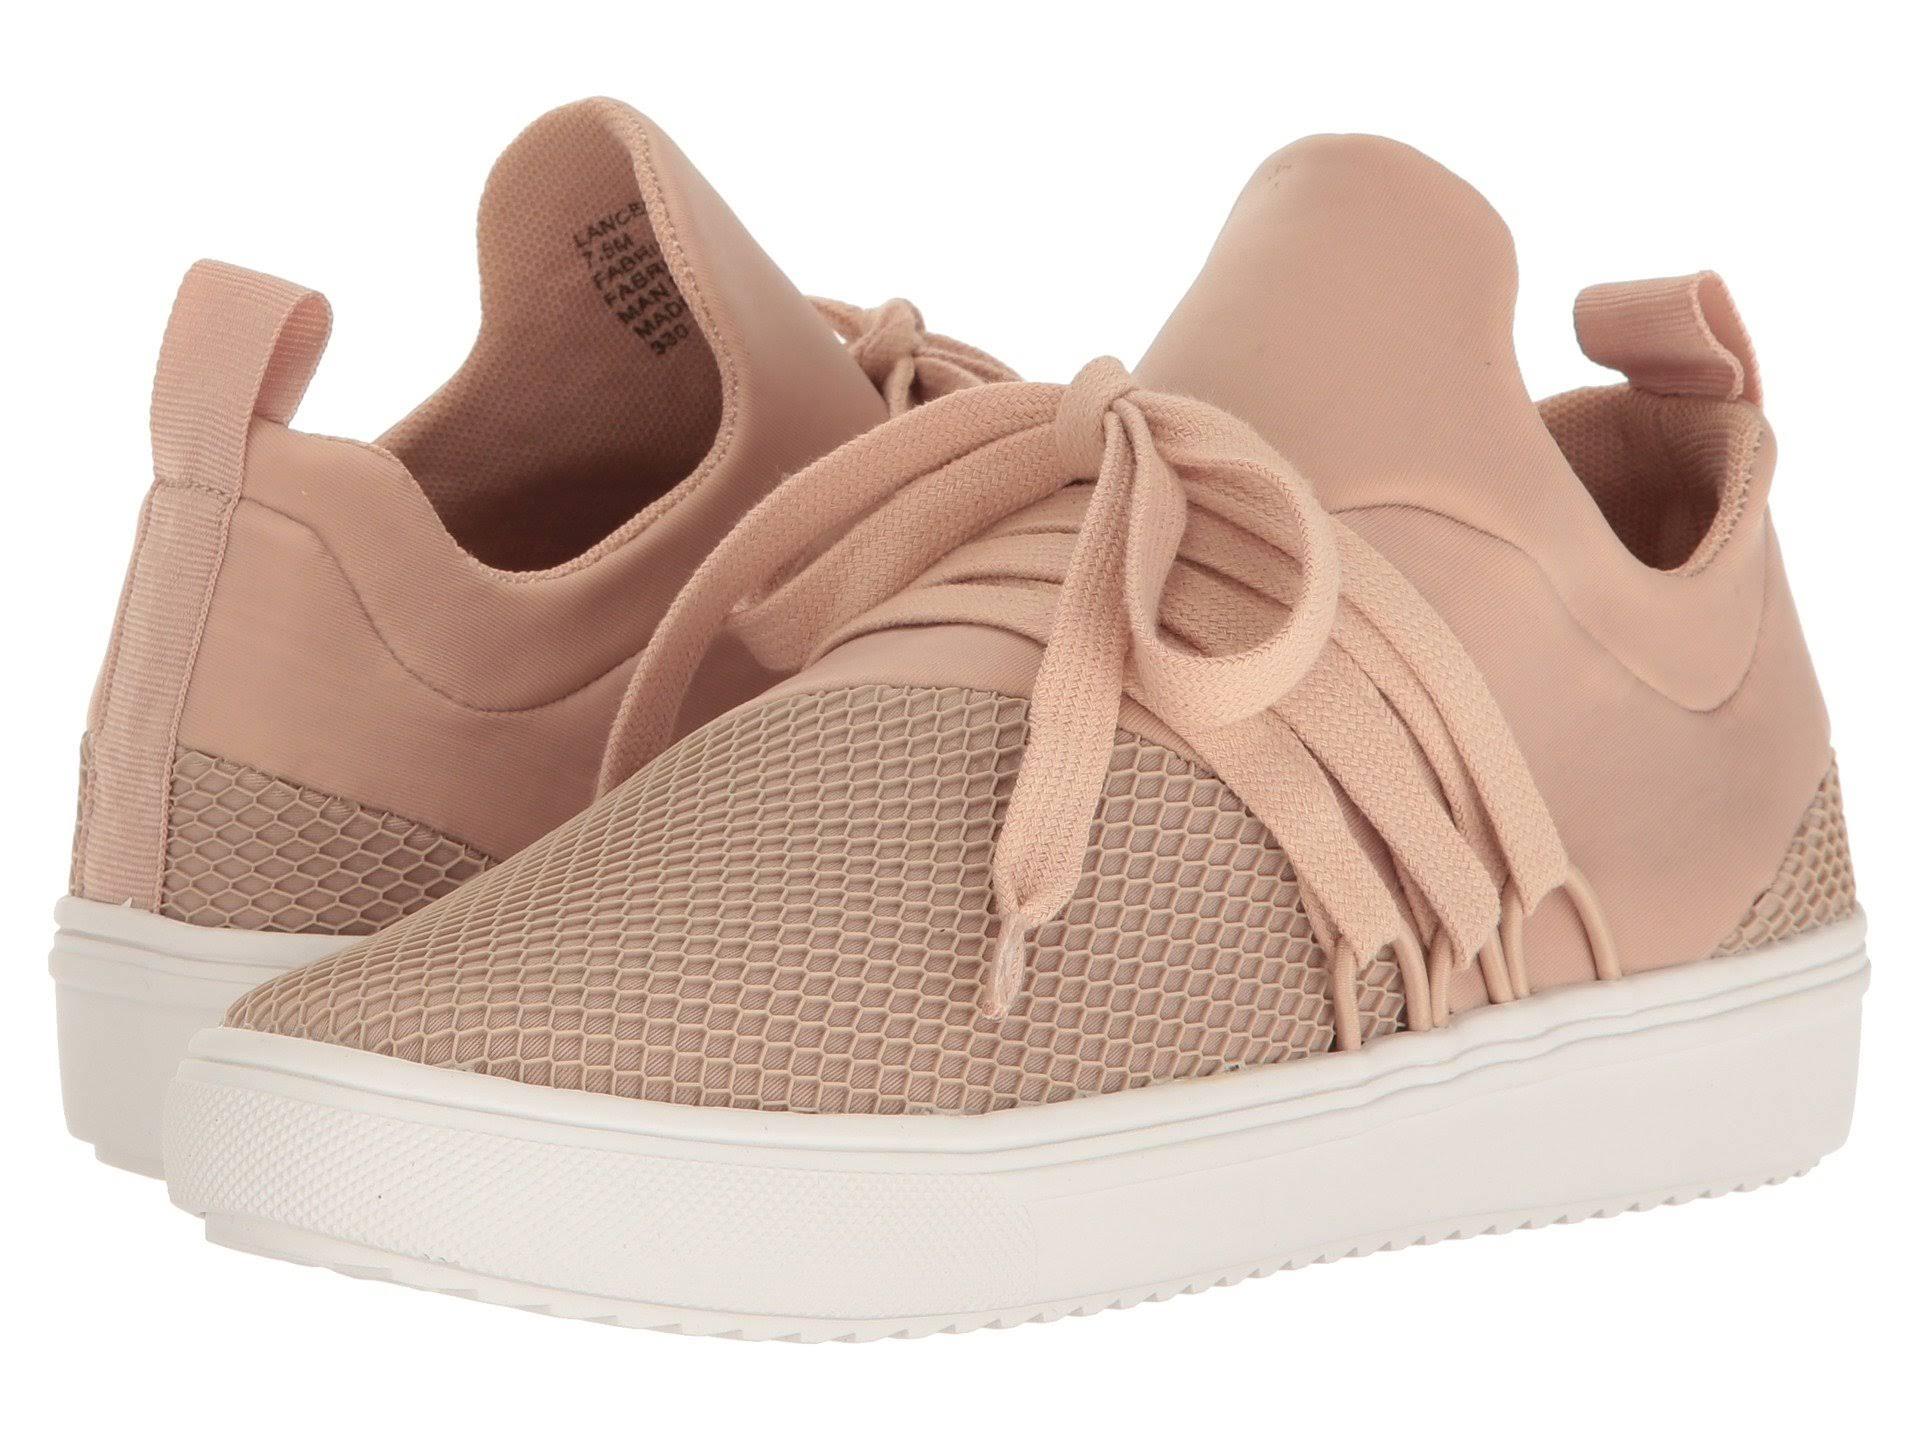 Madden Mujer Steve Para Lancer Pink Us 1 2 Zapato 9 Bfwq5zFq